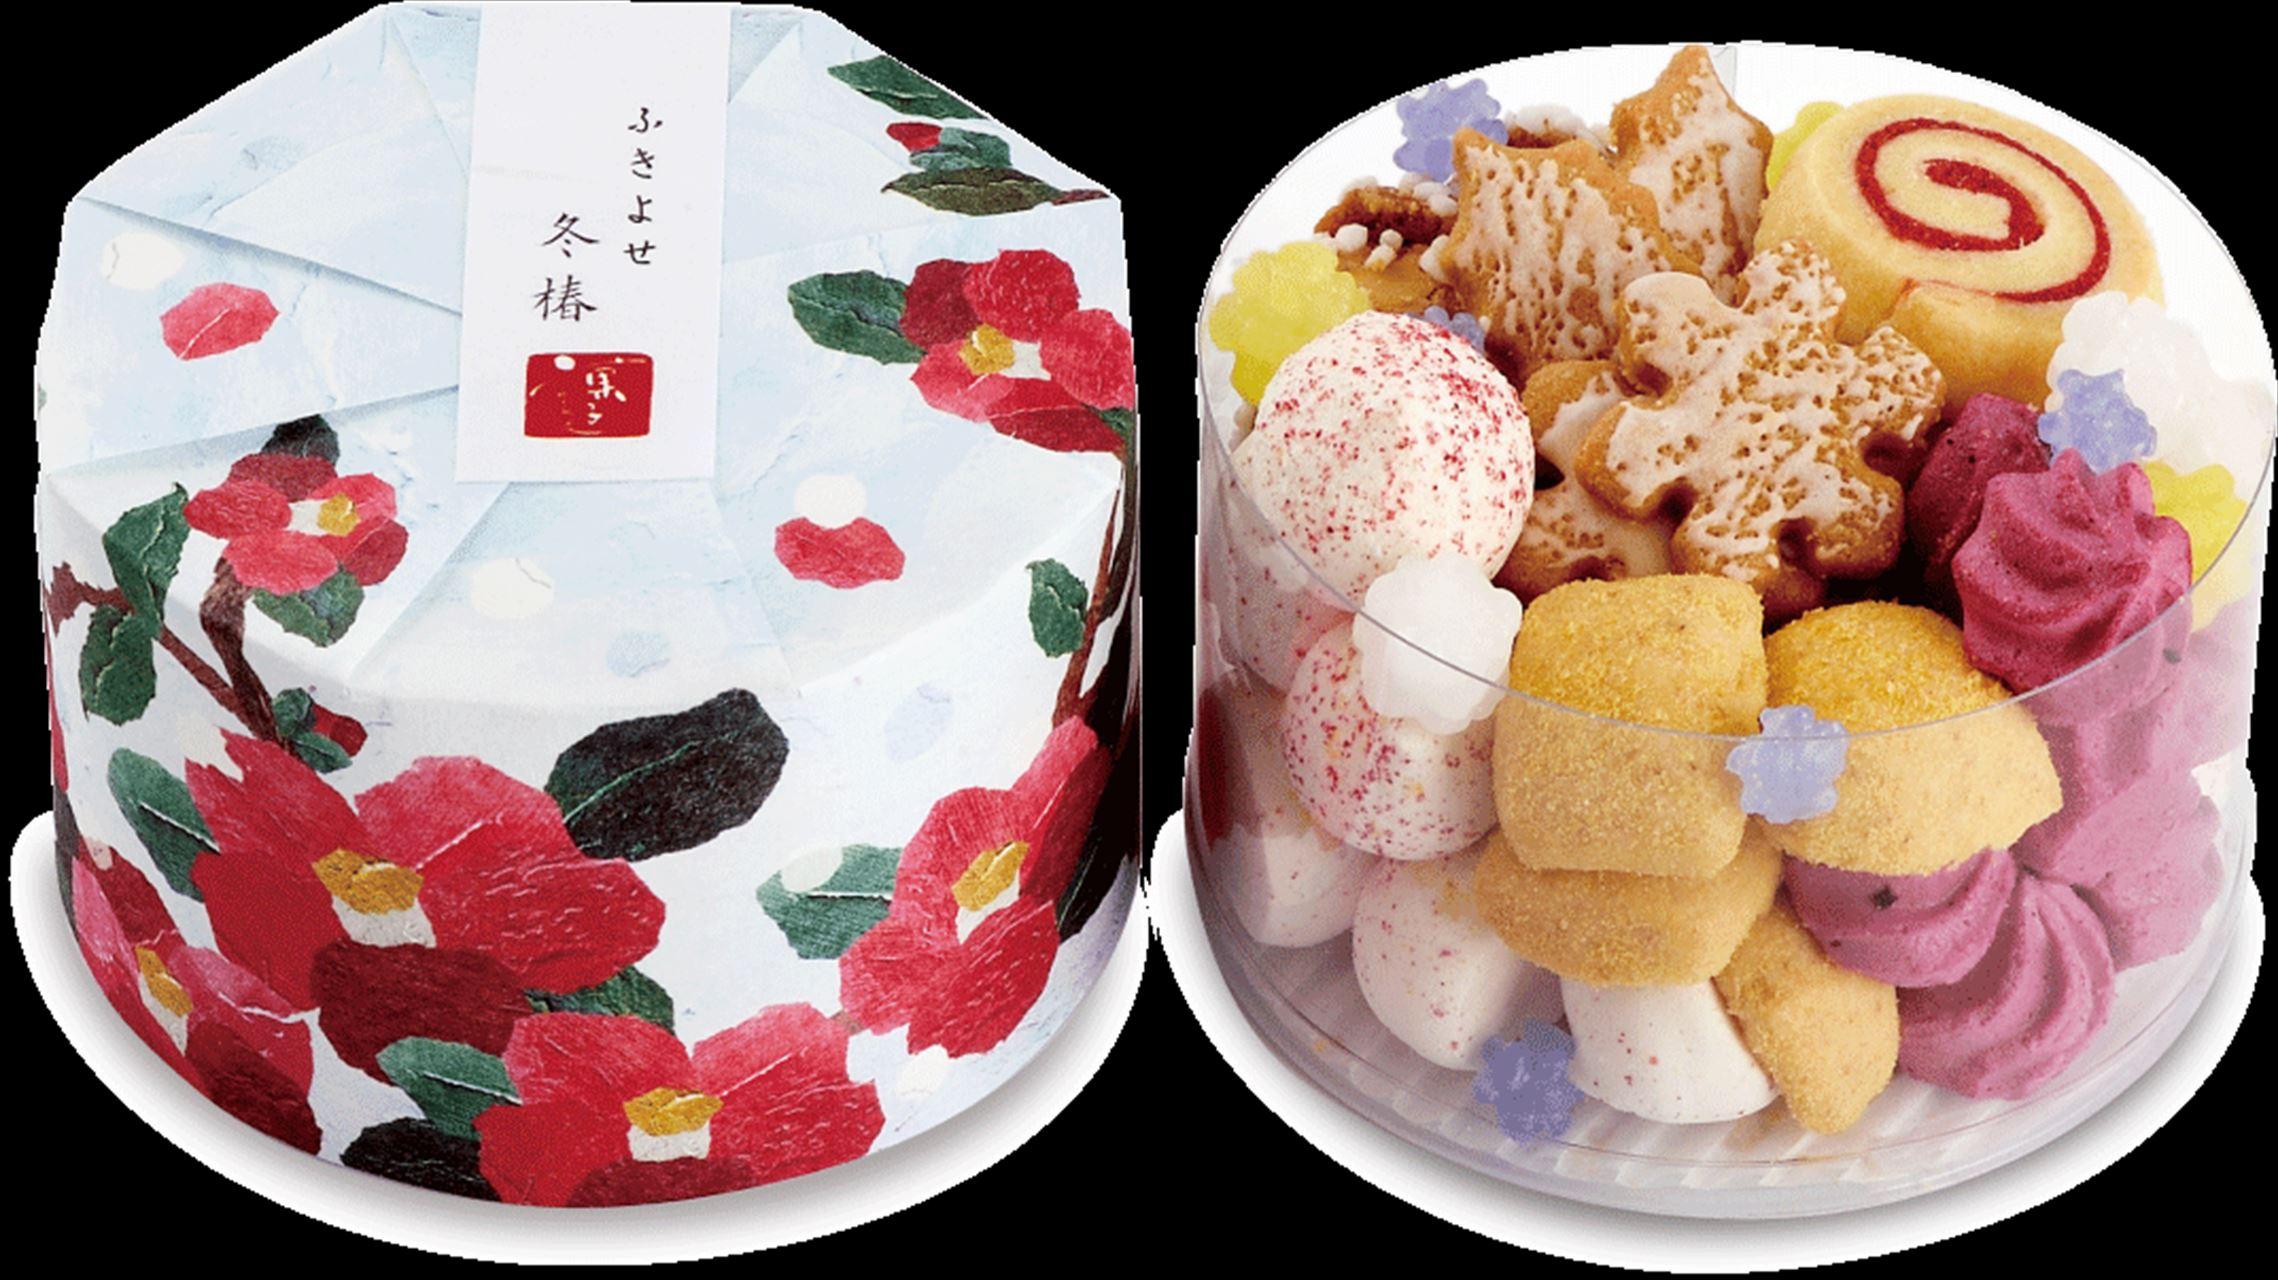 冬の味覚を焼き菓子にした「アトリエうかい」の冬季限定商品